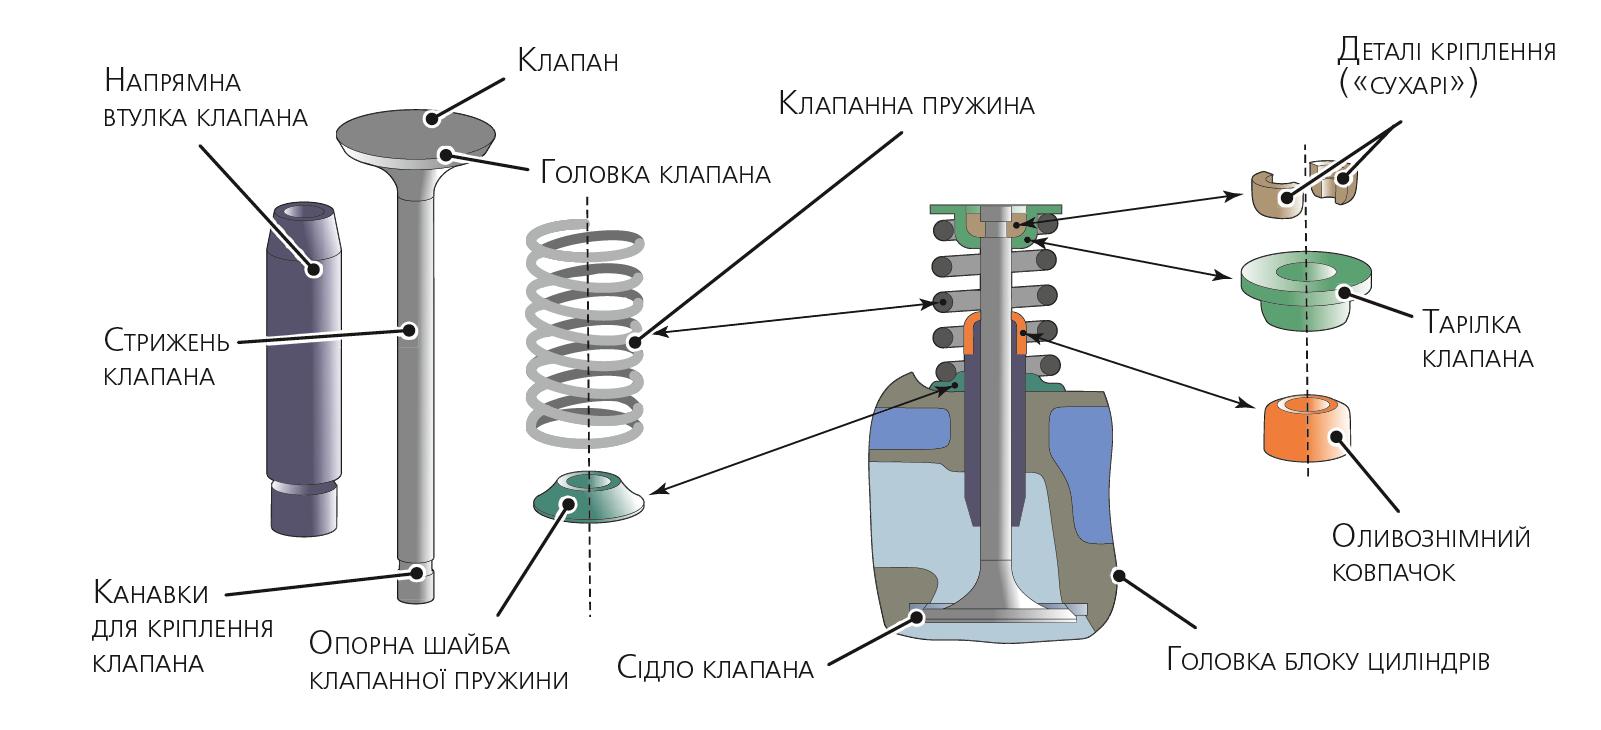 Клапанний механізм